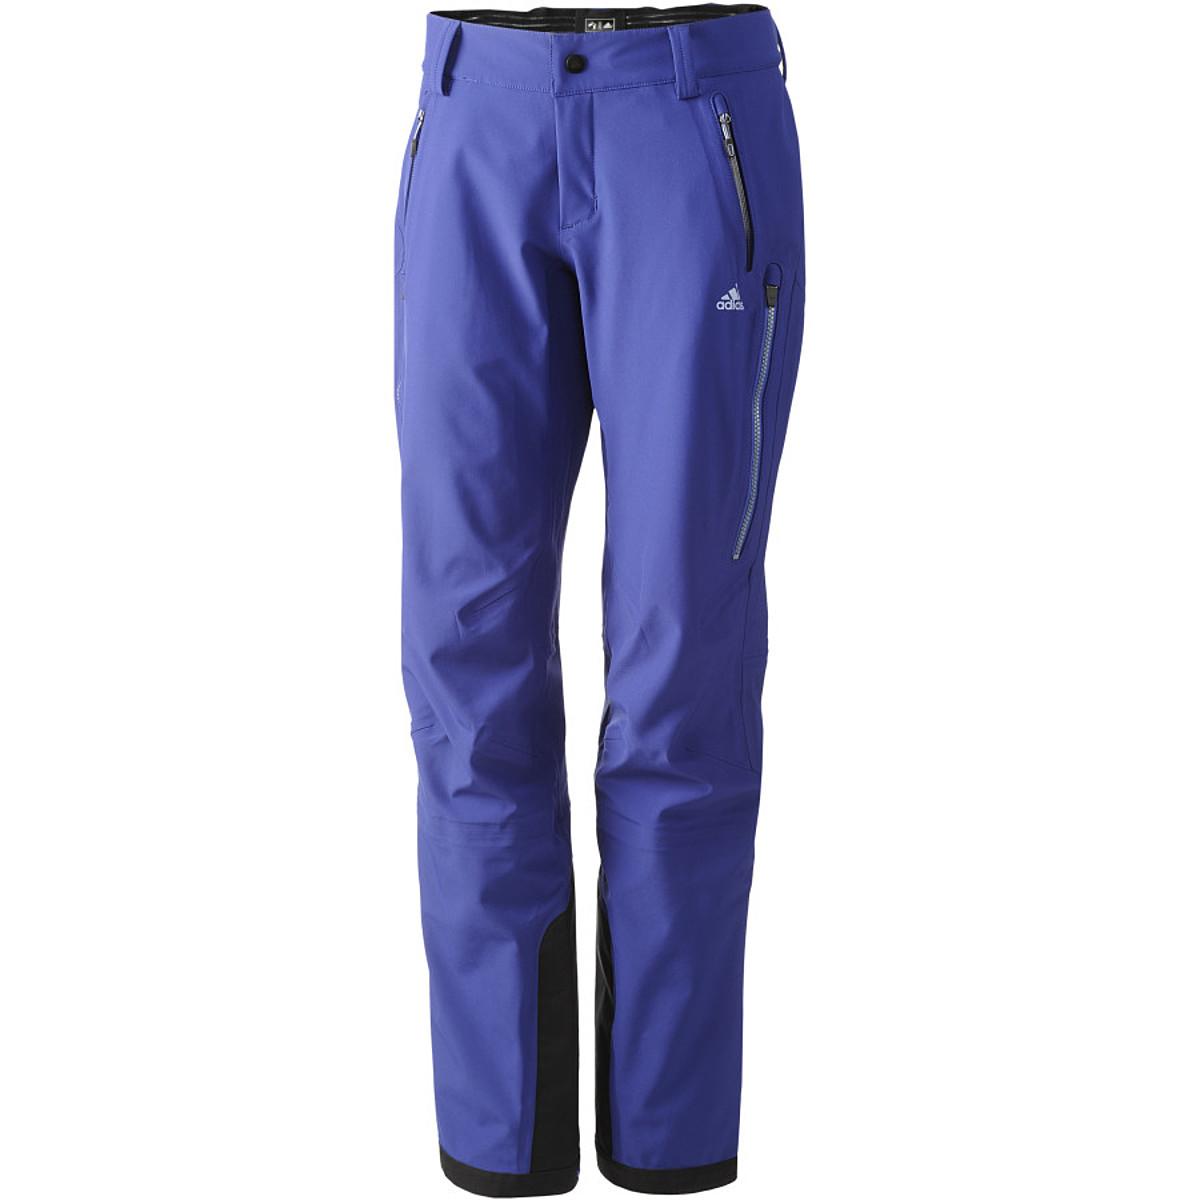 Adidas Terrex Blaueis Pant